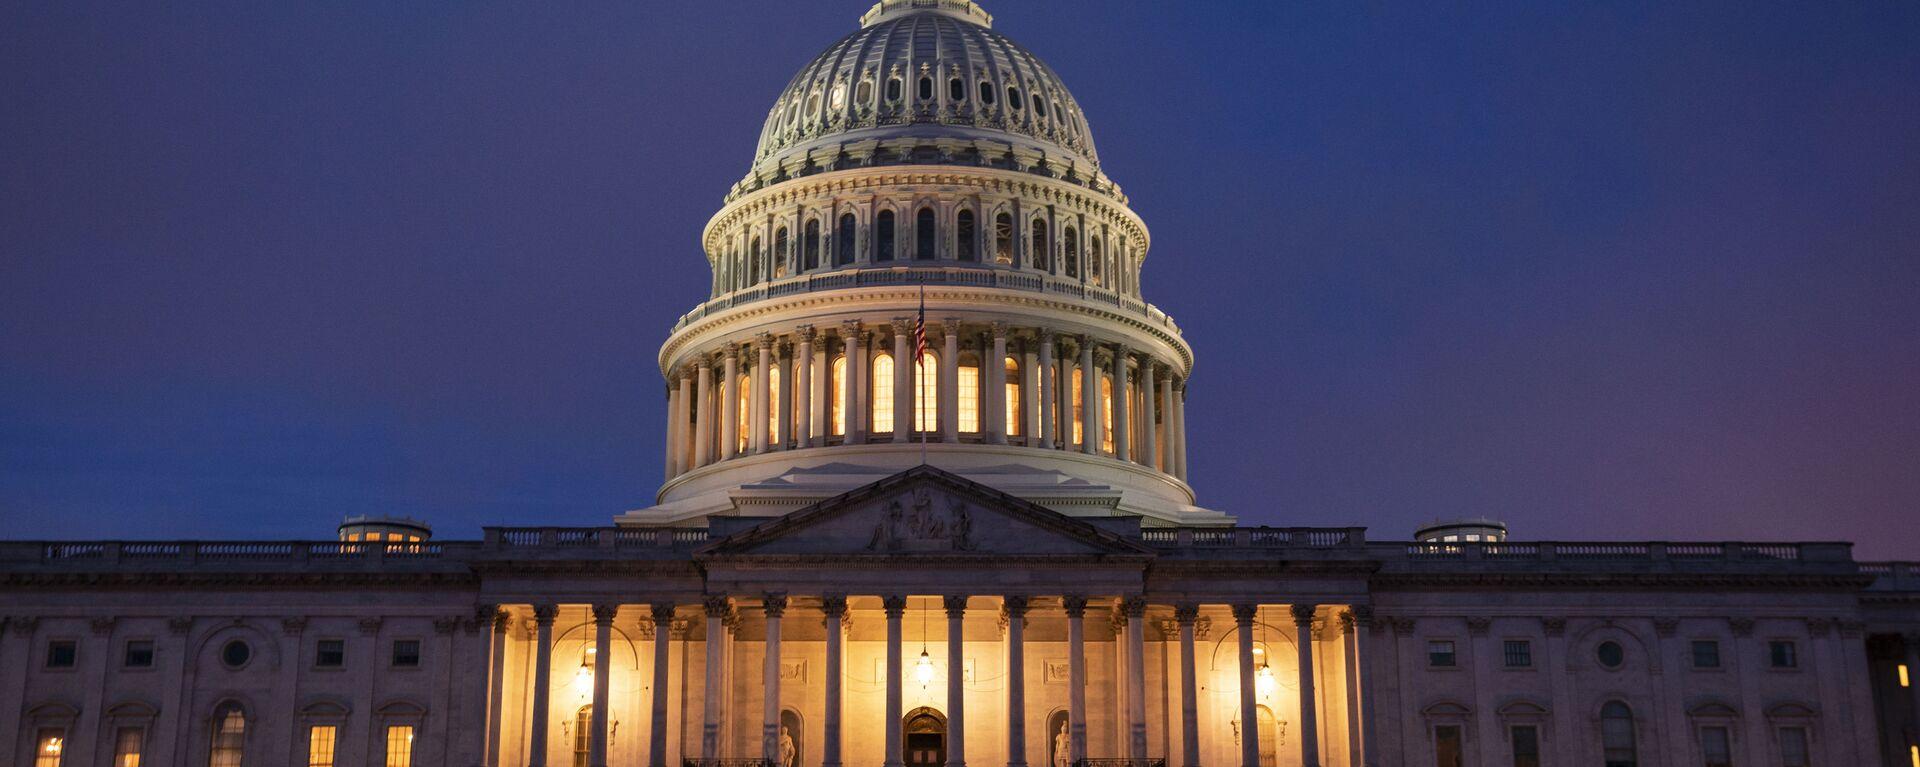 Zgrada američkog Kongresa u Vašingtonu - Sputnik Srbija, 1920, 06.10.2021